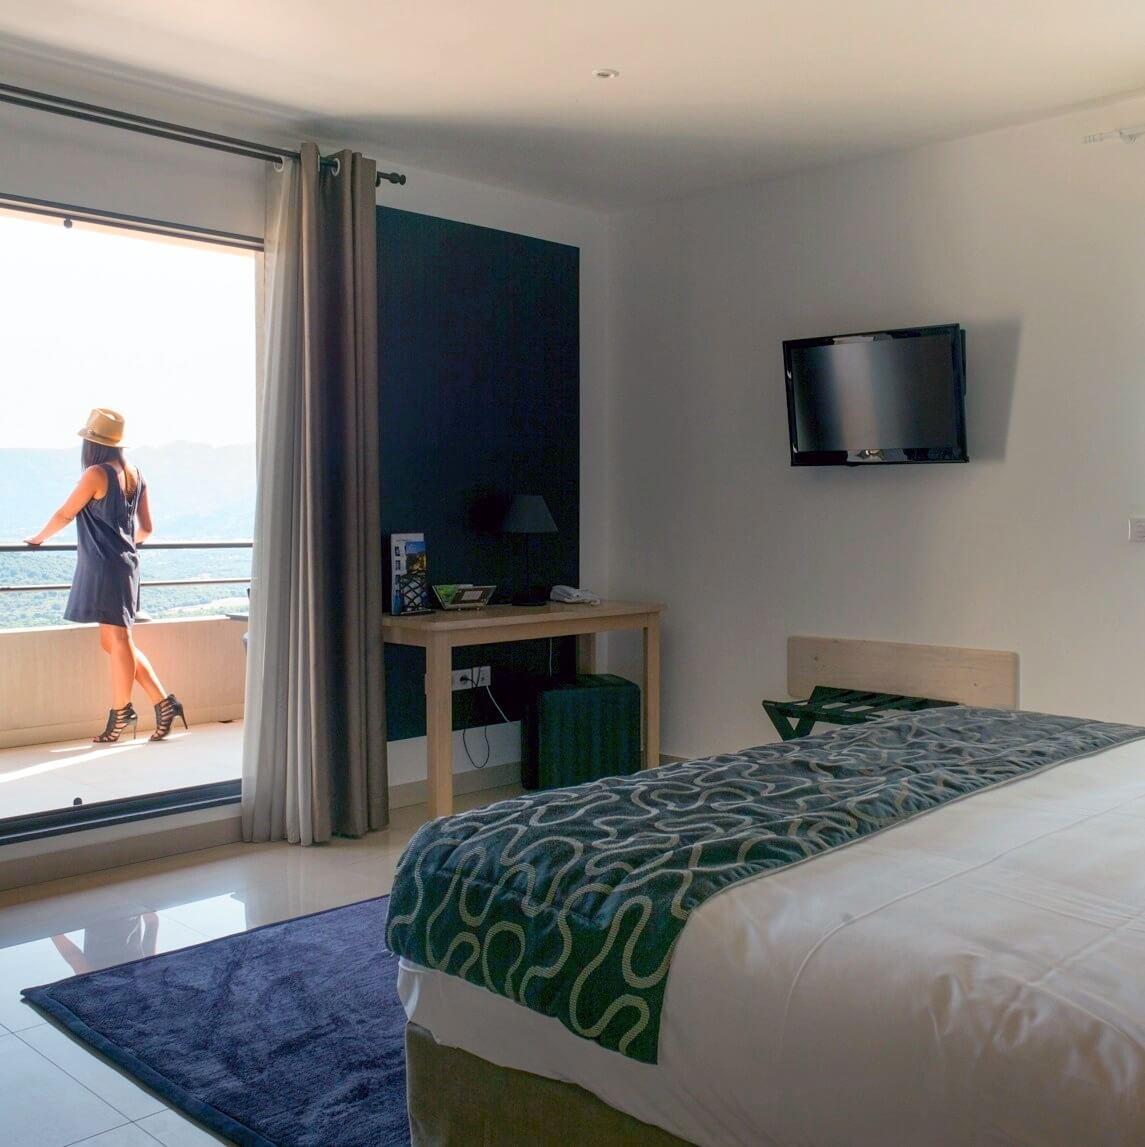 Corse le palmar s 2015 des meilleurs h tels for Meilleur site comparateur hotel